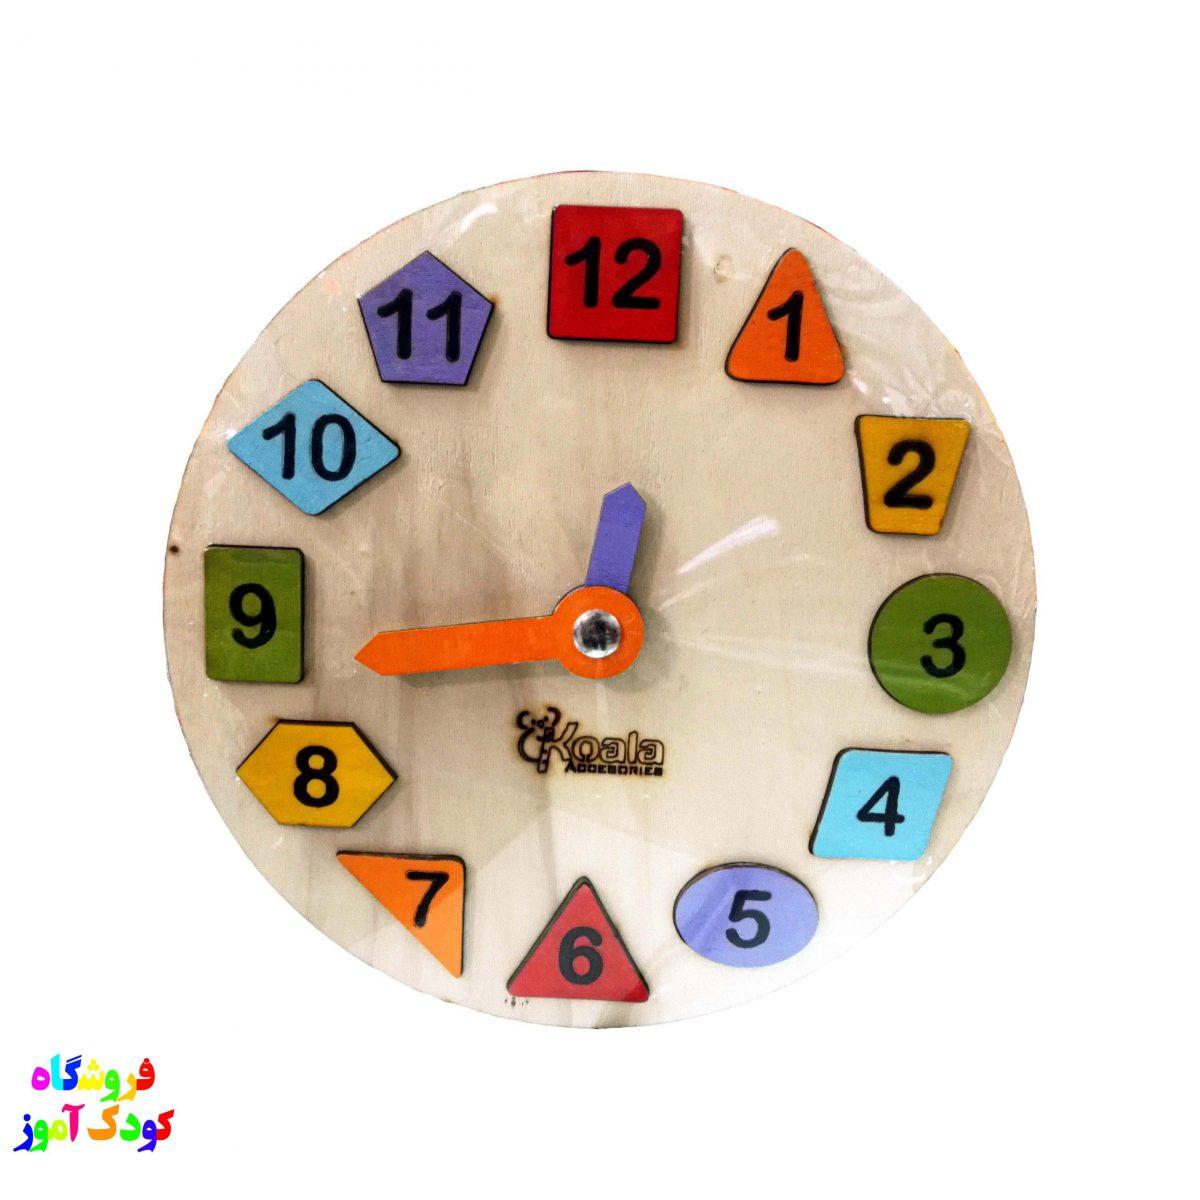 ساعت آموزشی چوبی